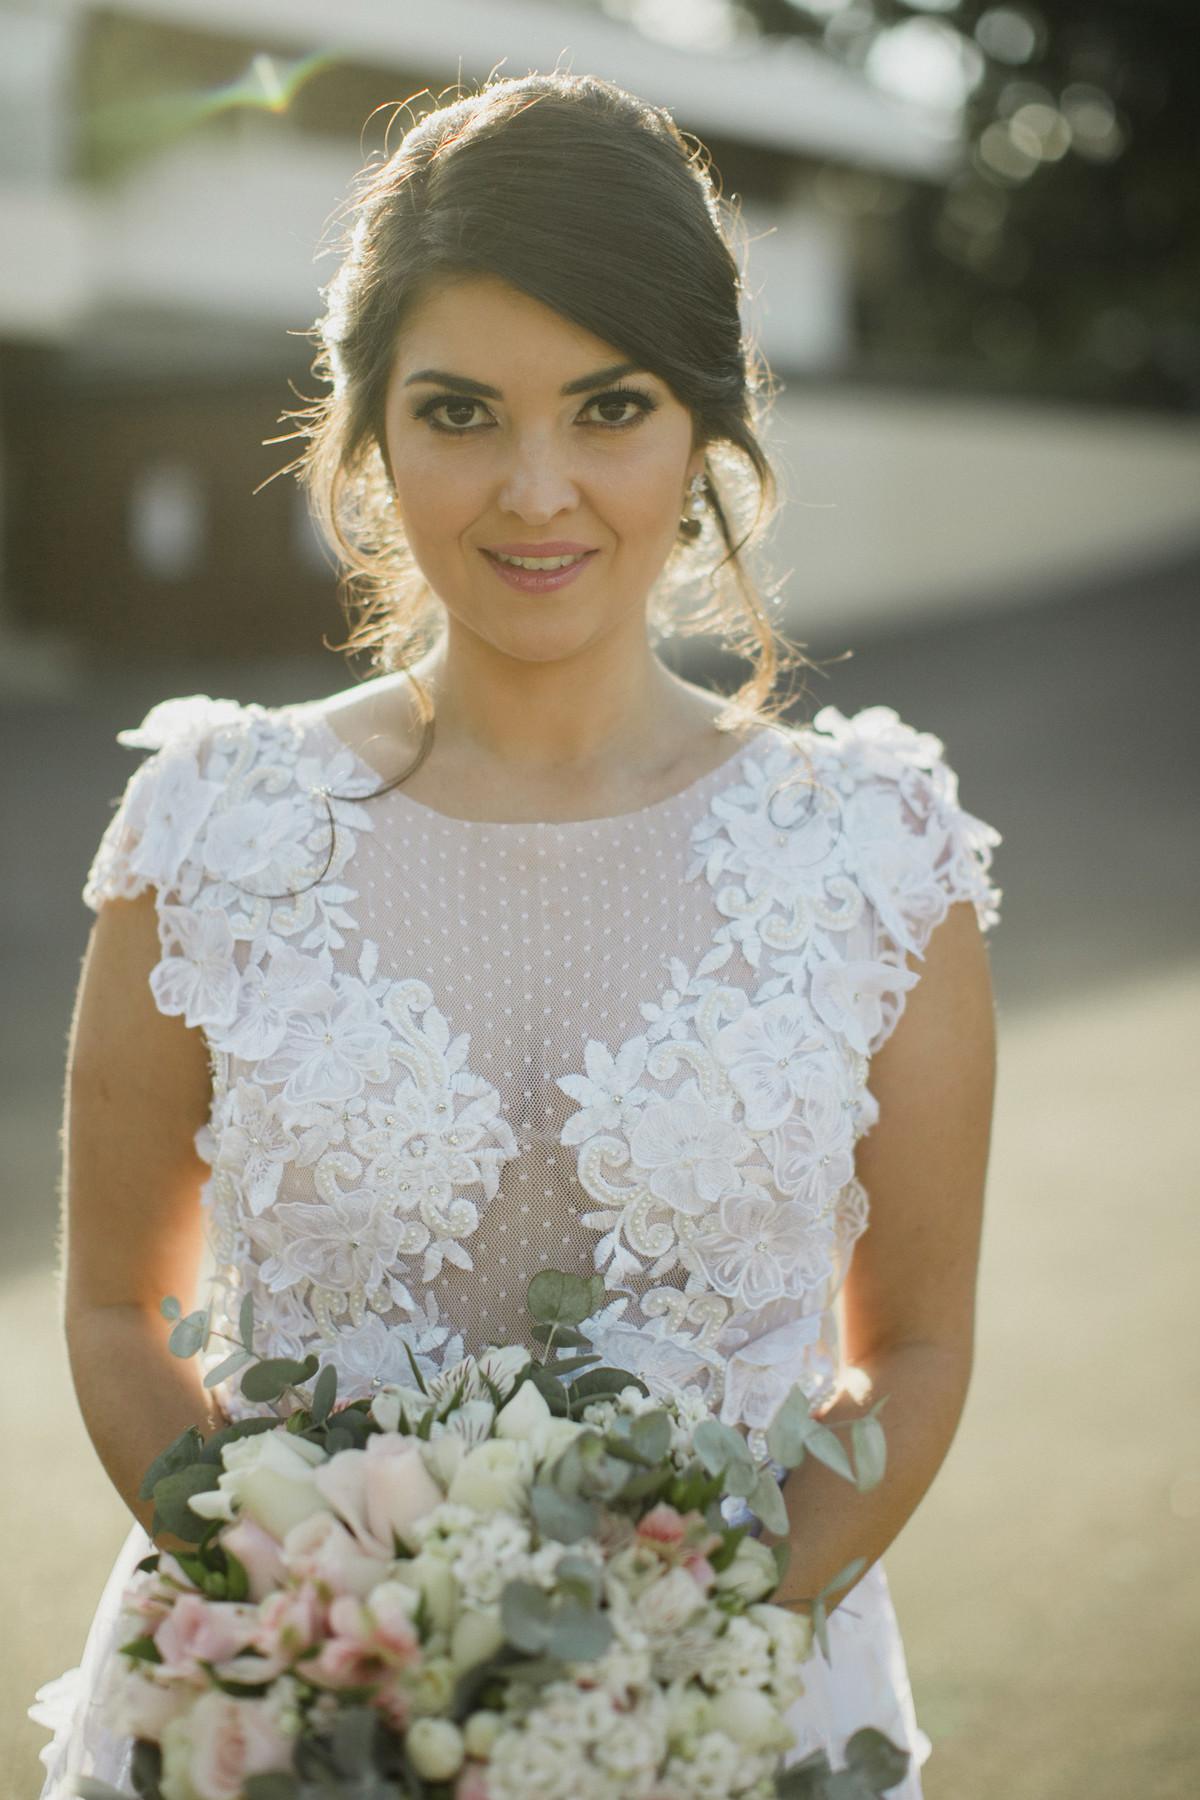 Vestido de noiva lindo com detalhes florais